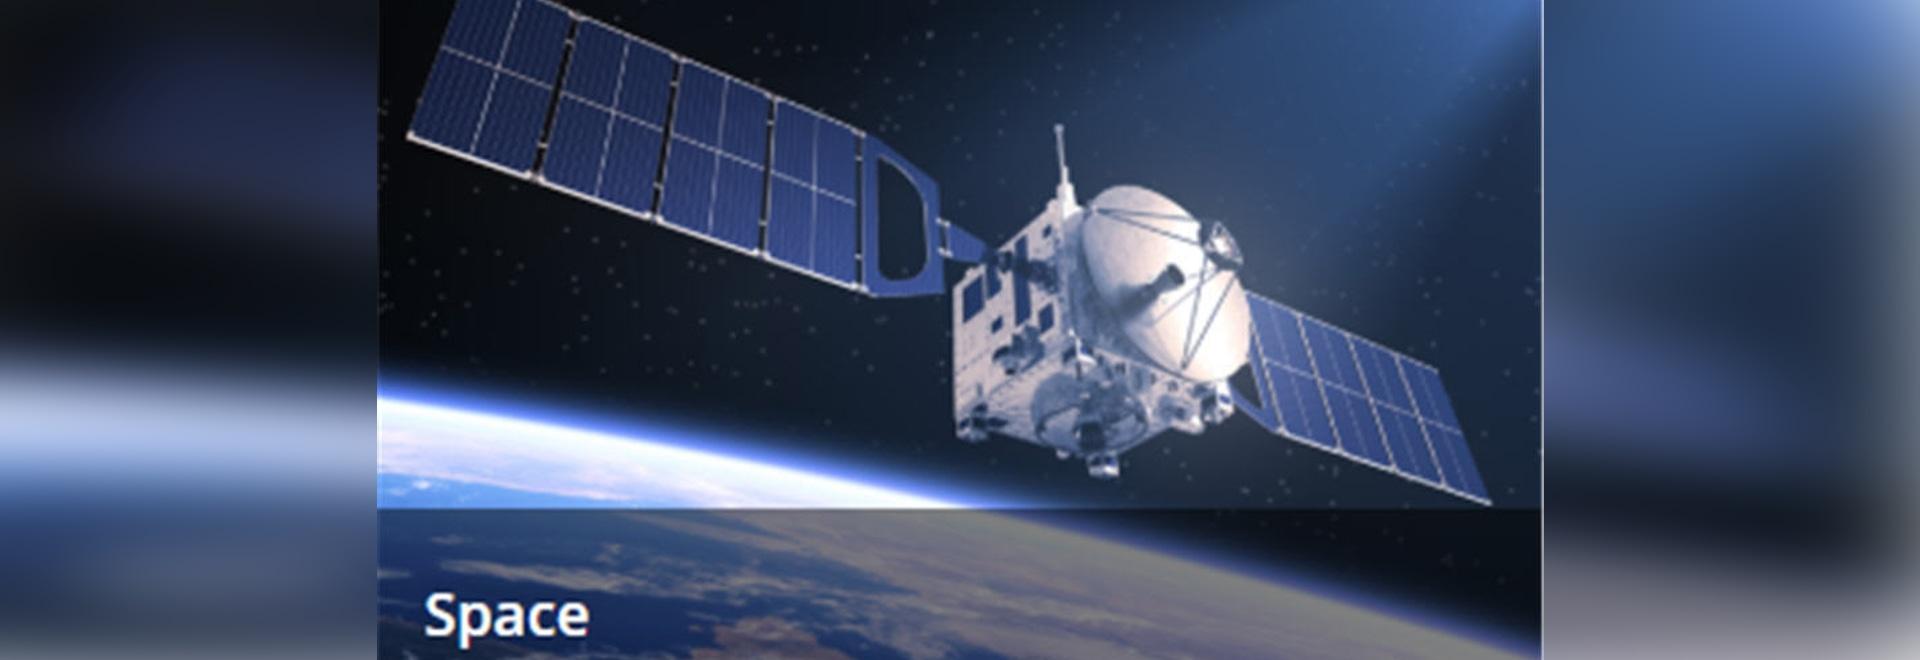 Escenarios de precisión para el espacio y la astronomía